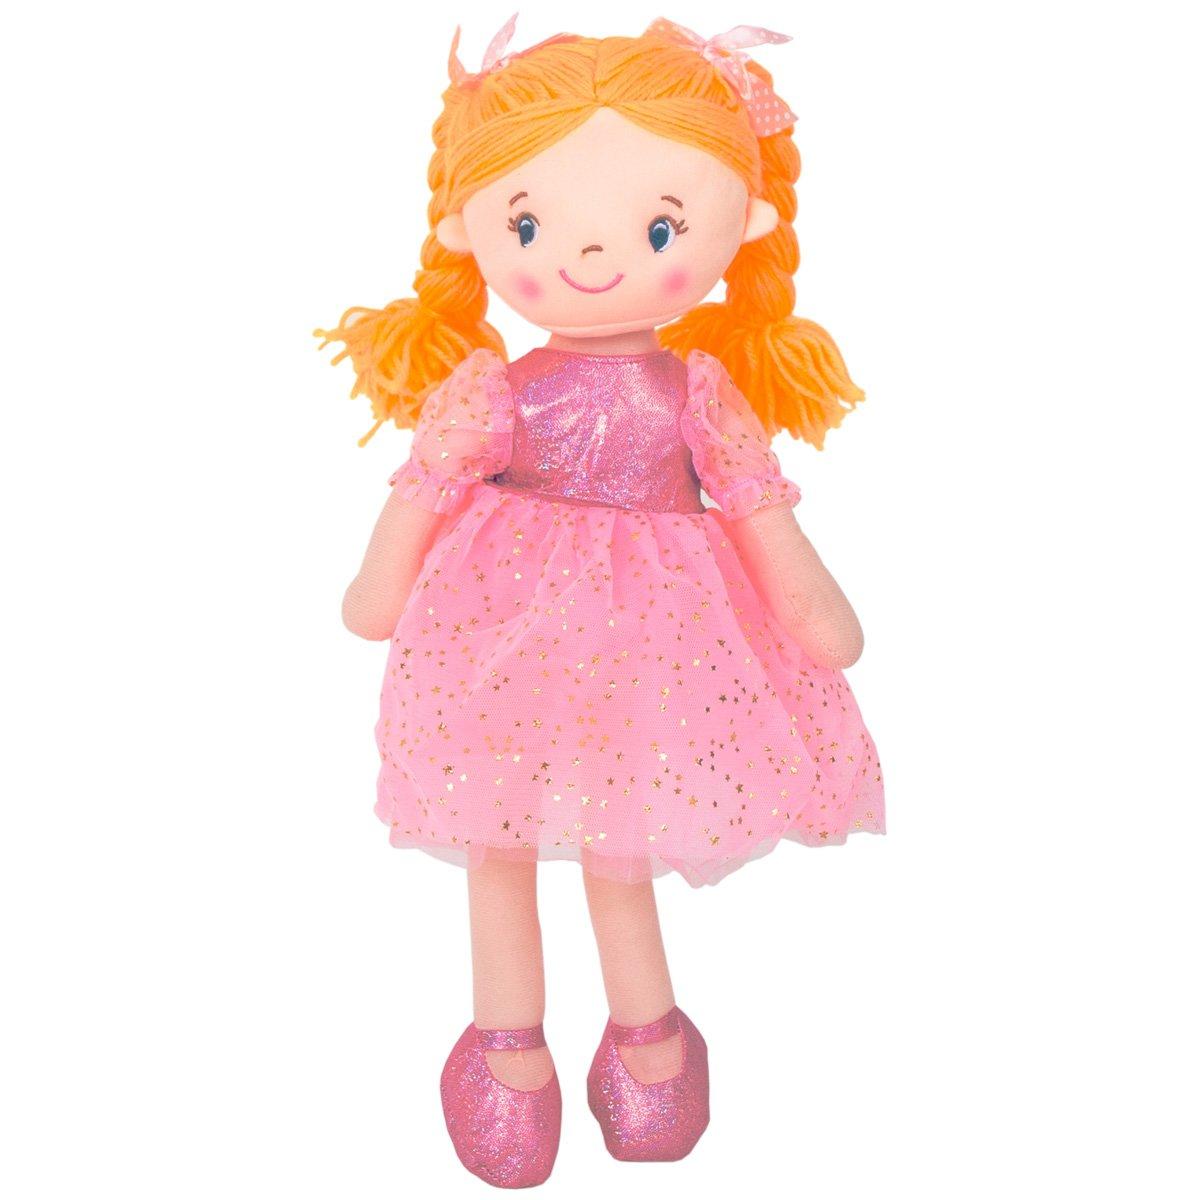 Jucarie de plus, Noriel, Balerina cu rochita si codite blonde impletite, 45 cm